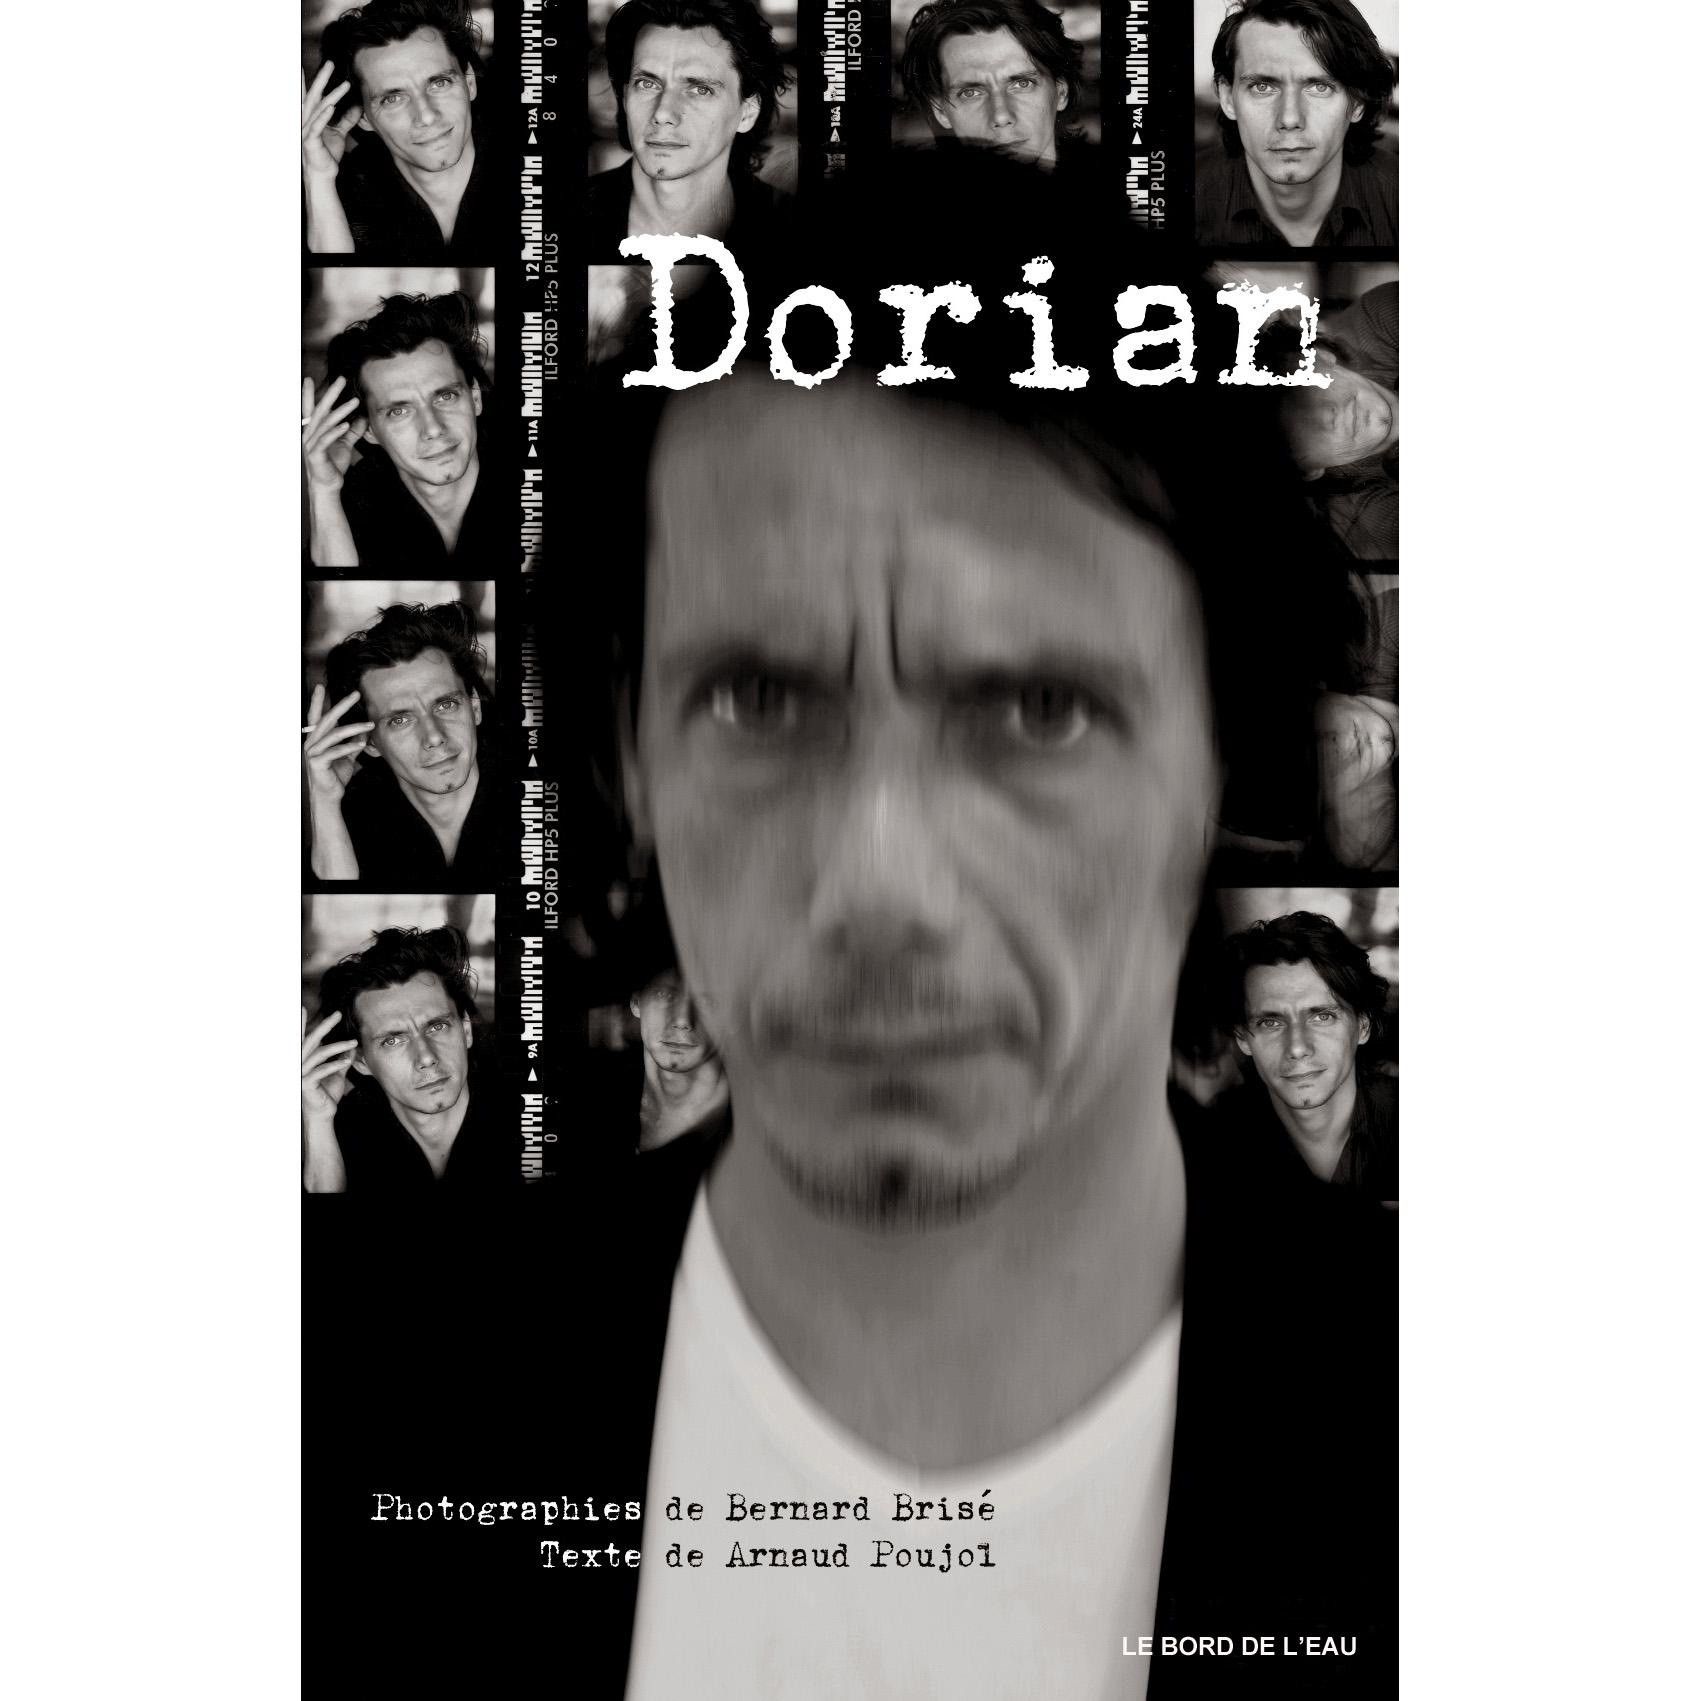 Dorian – photographies en N&B imprimées en bichromie de Bernard Brisé – Texte de Arnaud Poujol Éditions Le Bord de L'Eau / Bordeaux 2013